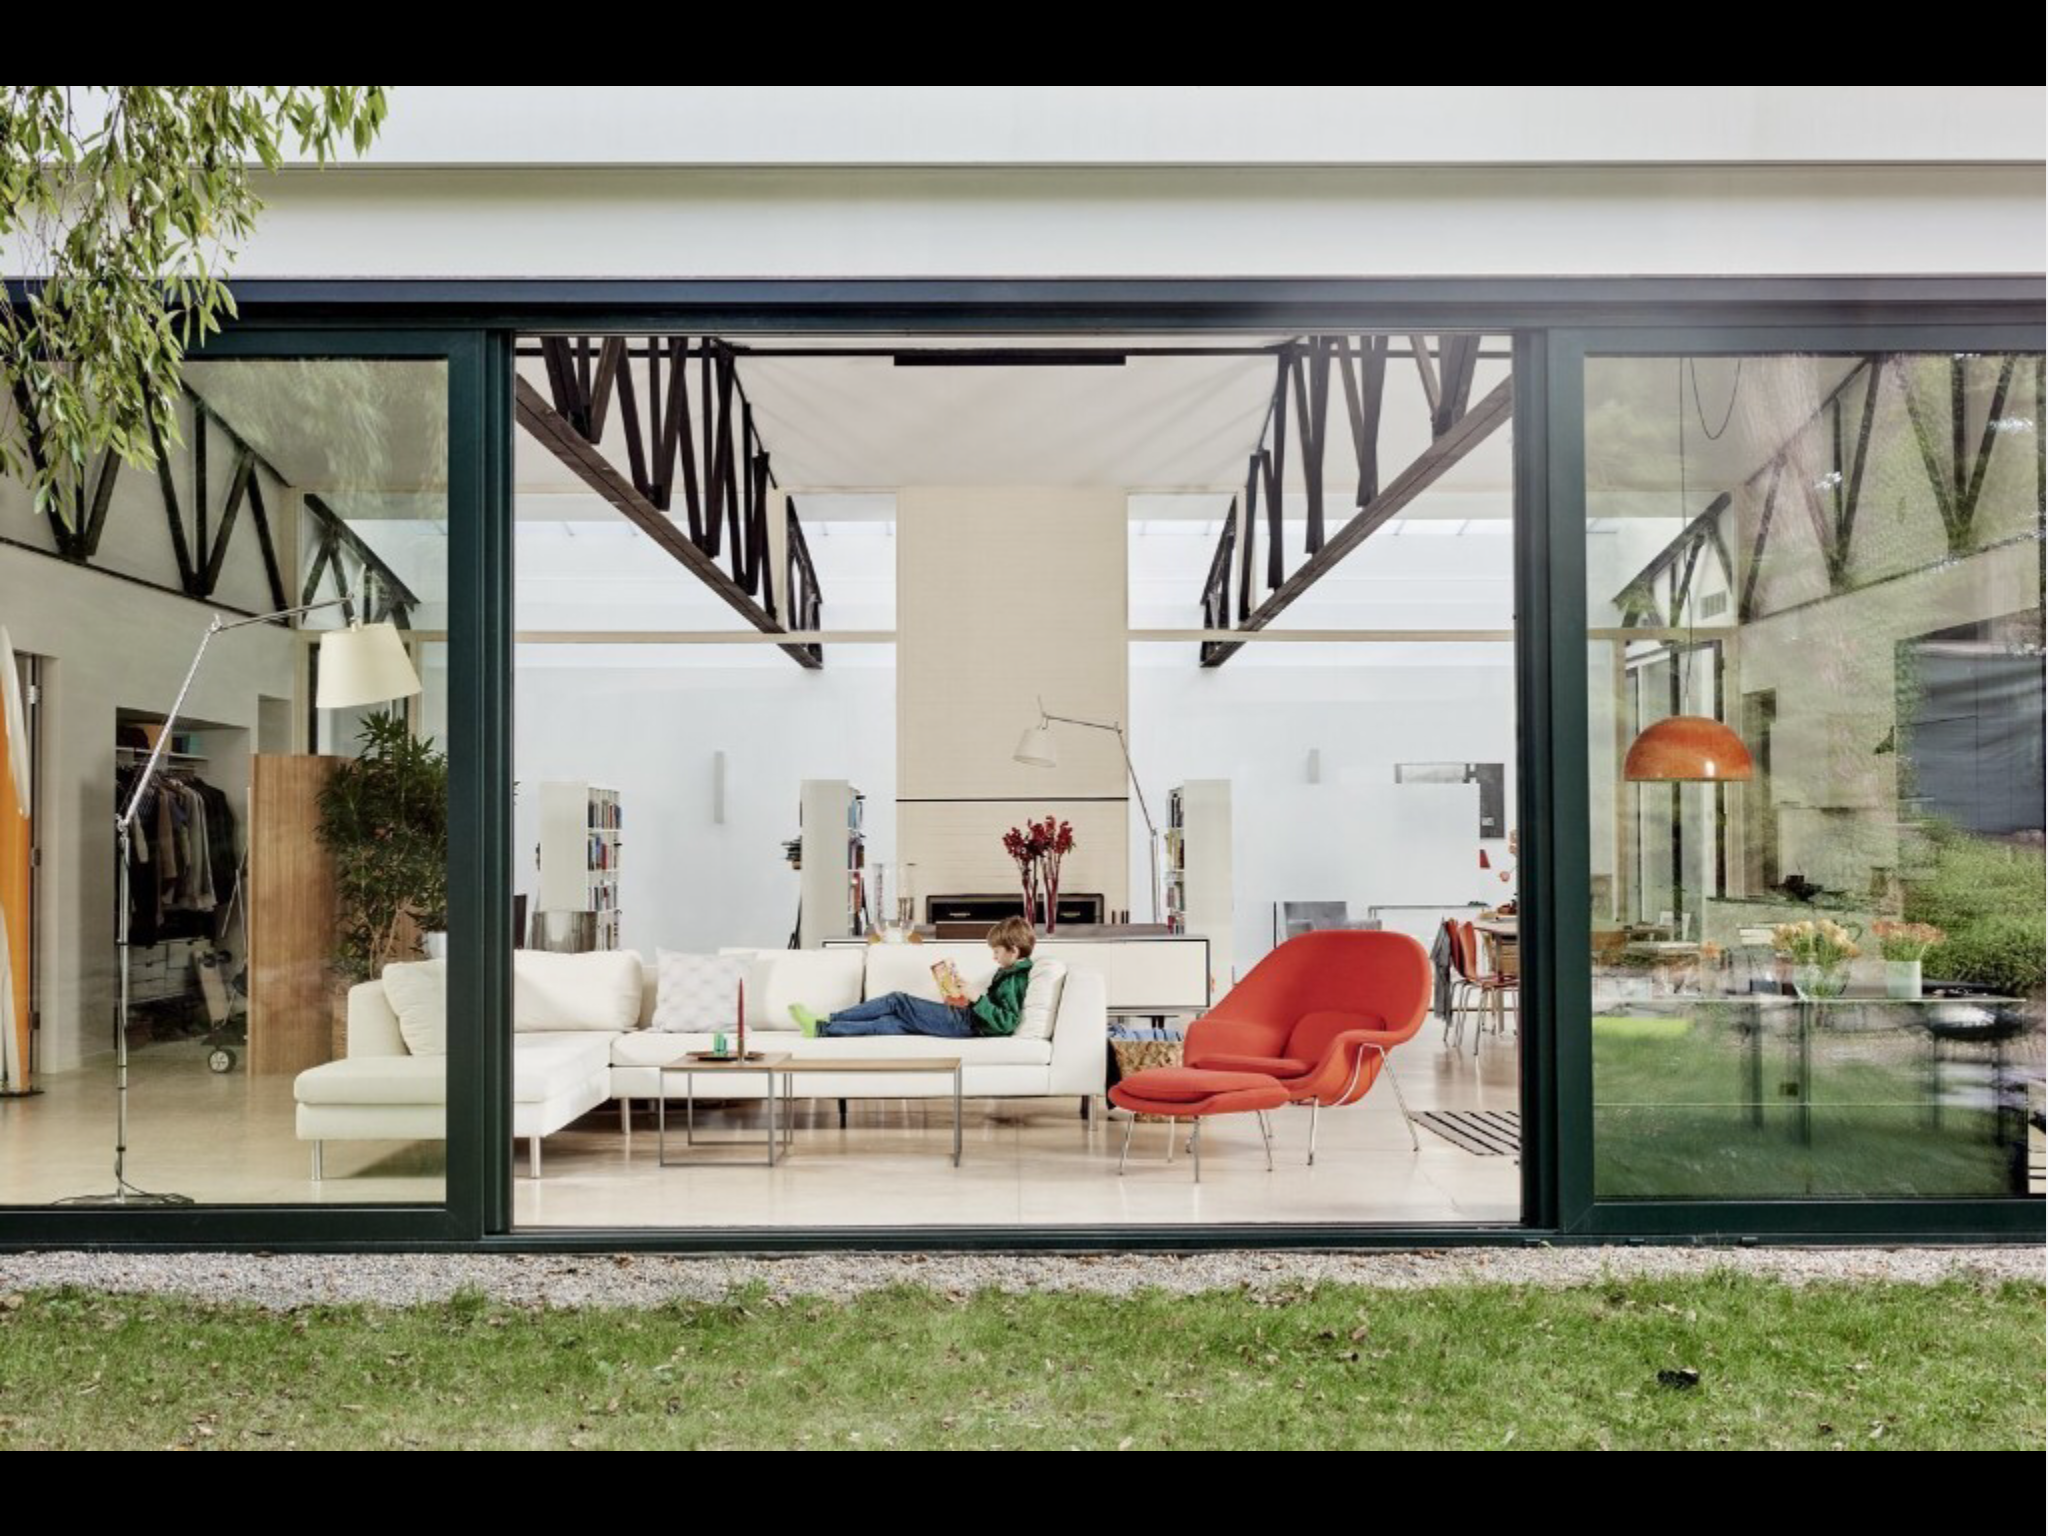 Home design exterieur und interieur pin by pierre c tromp on exterieur itemsarchitectuur  pinterest